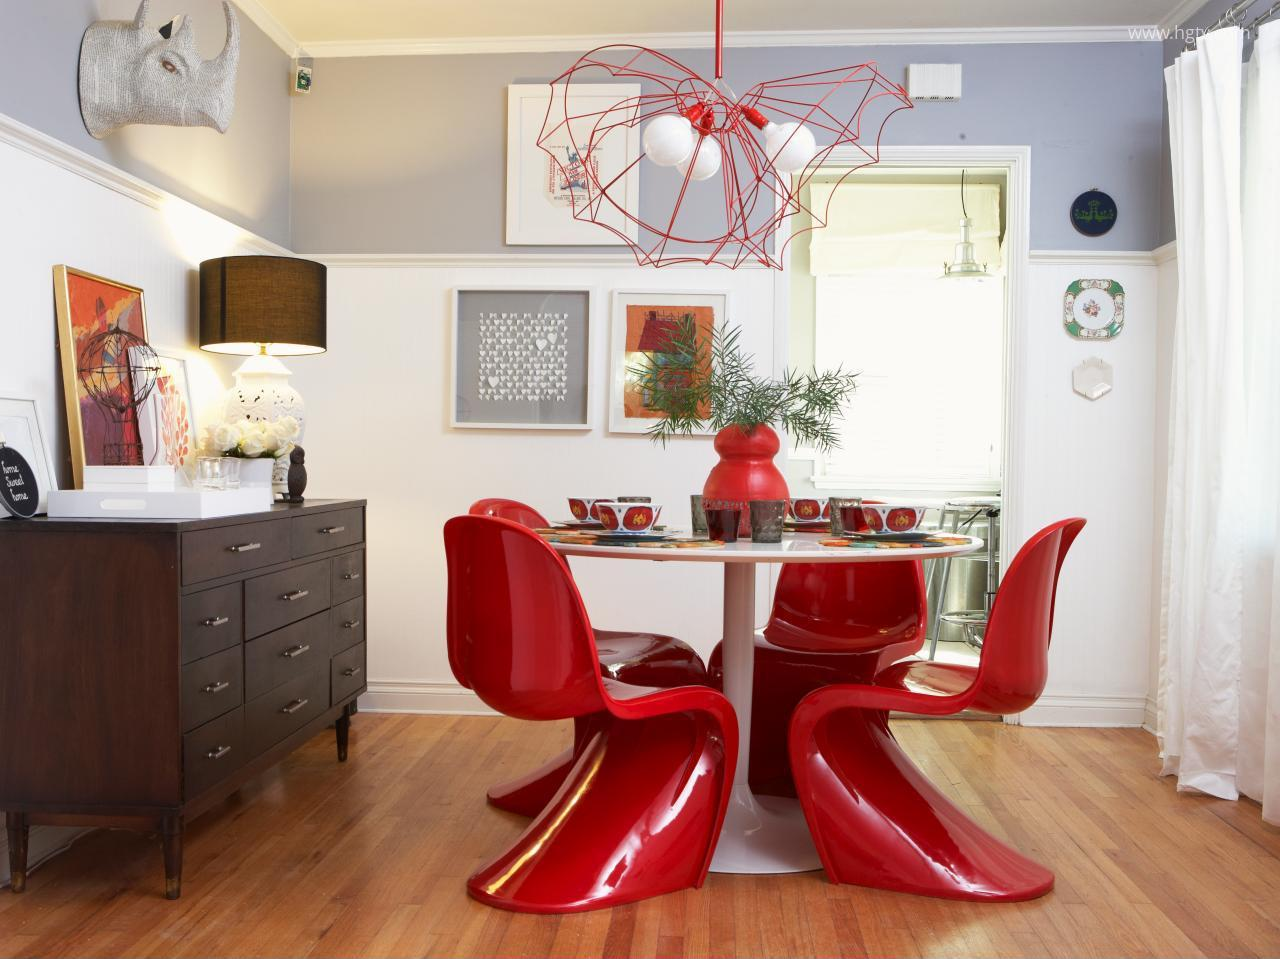 Piros Vitra székek // HOMEINFO.hu - Inspirációtár